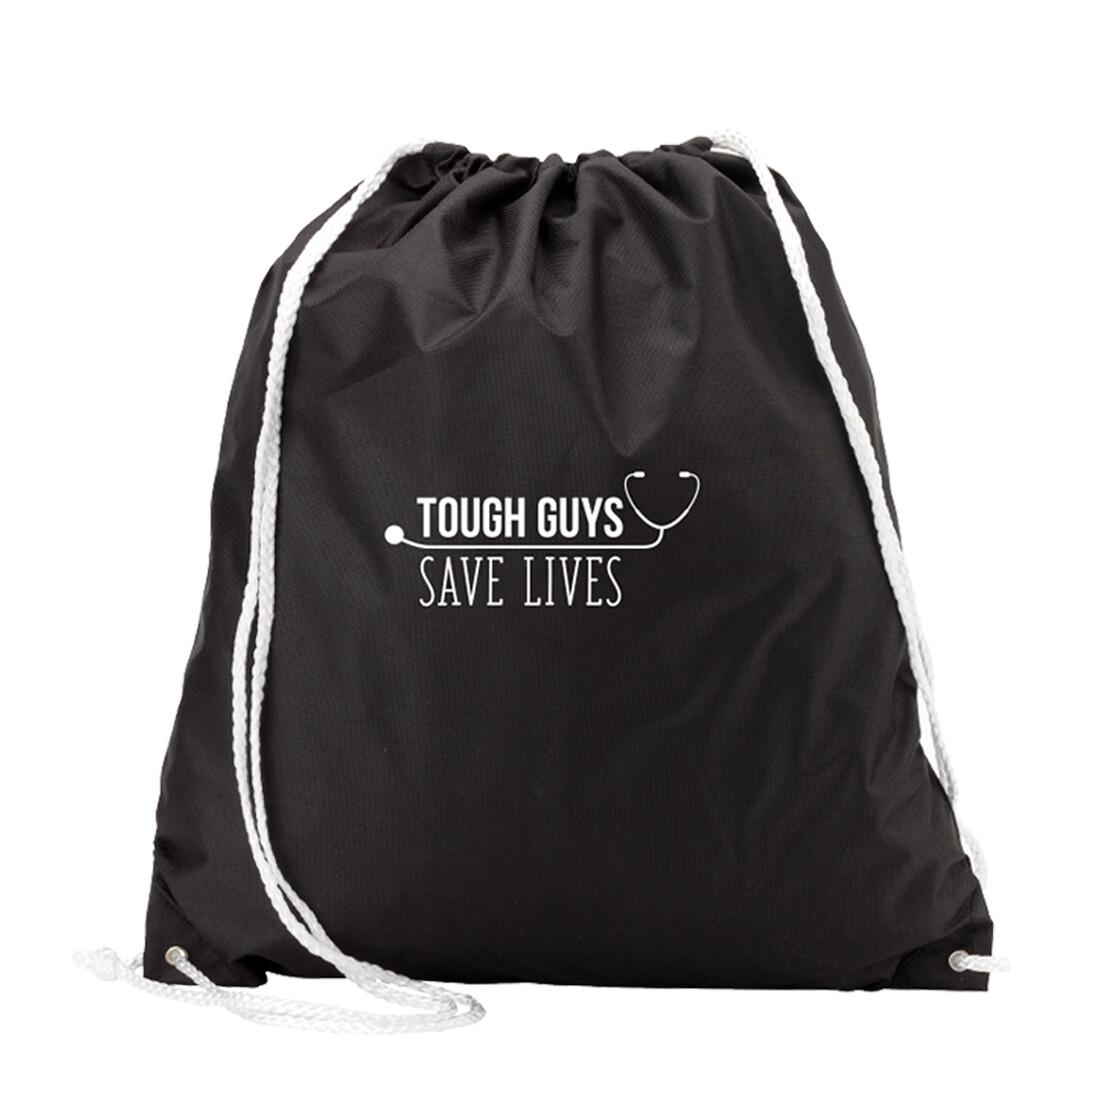 Tough Guys Save Lives Black Gym Bag